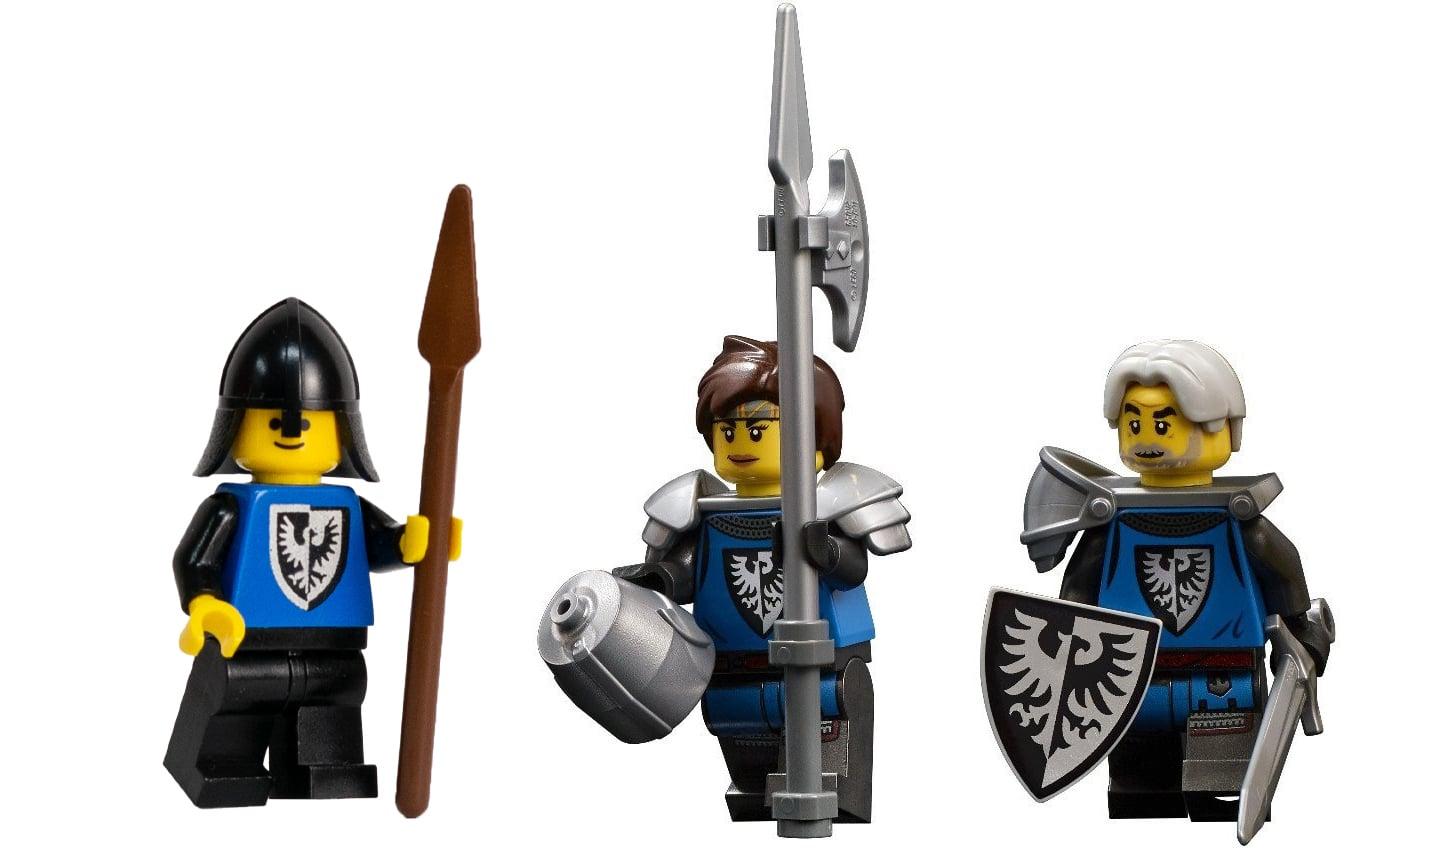 LEGO Ideas 21325 Mittelalterliche Schmiede Falkenritter Minifiguren Vergleich